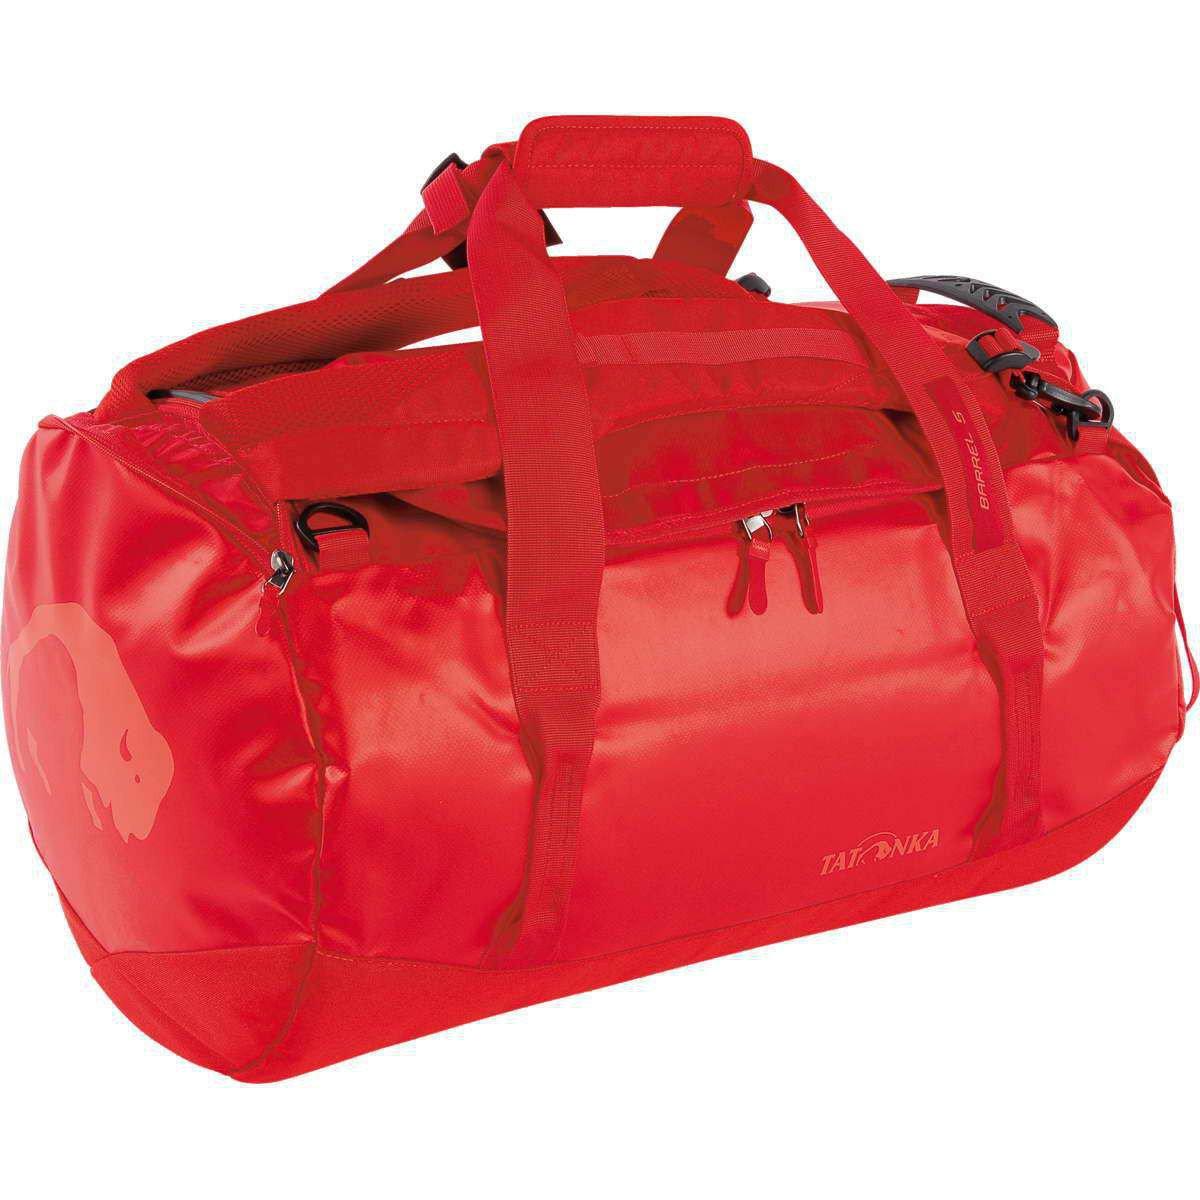 Tatonka - Barrel Small 45L - Tatonka 17   Equipment-Packs-Travel ... 26c72582a5754